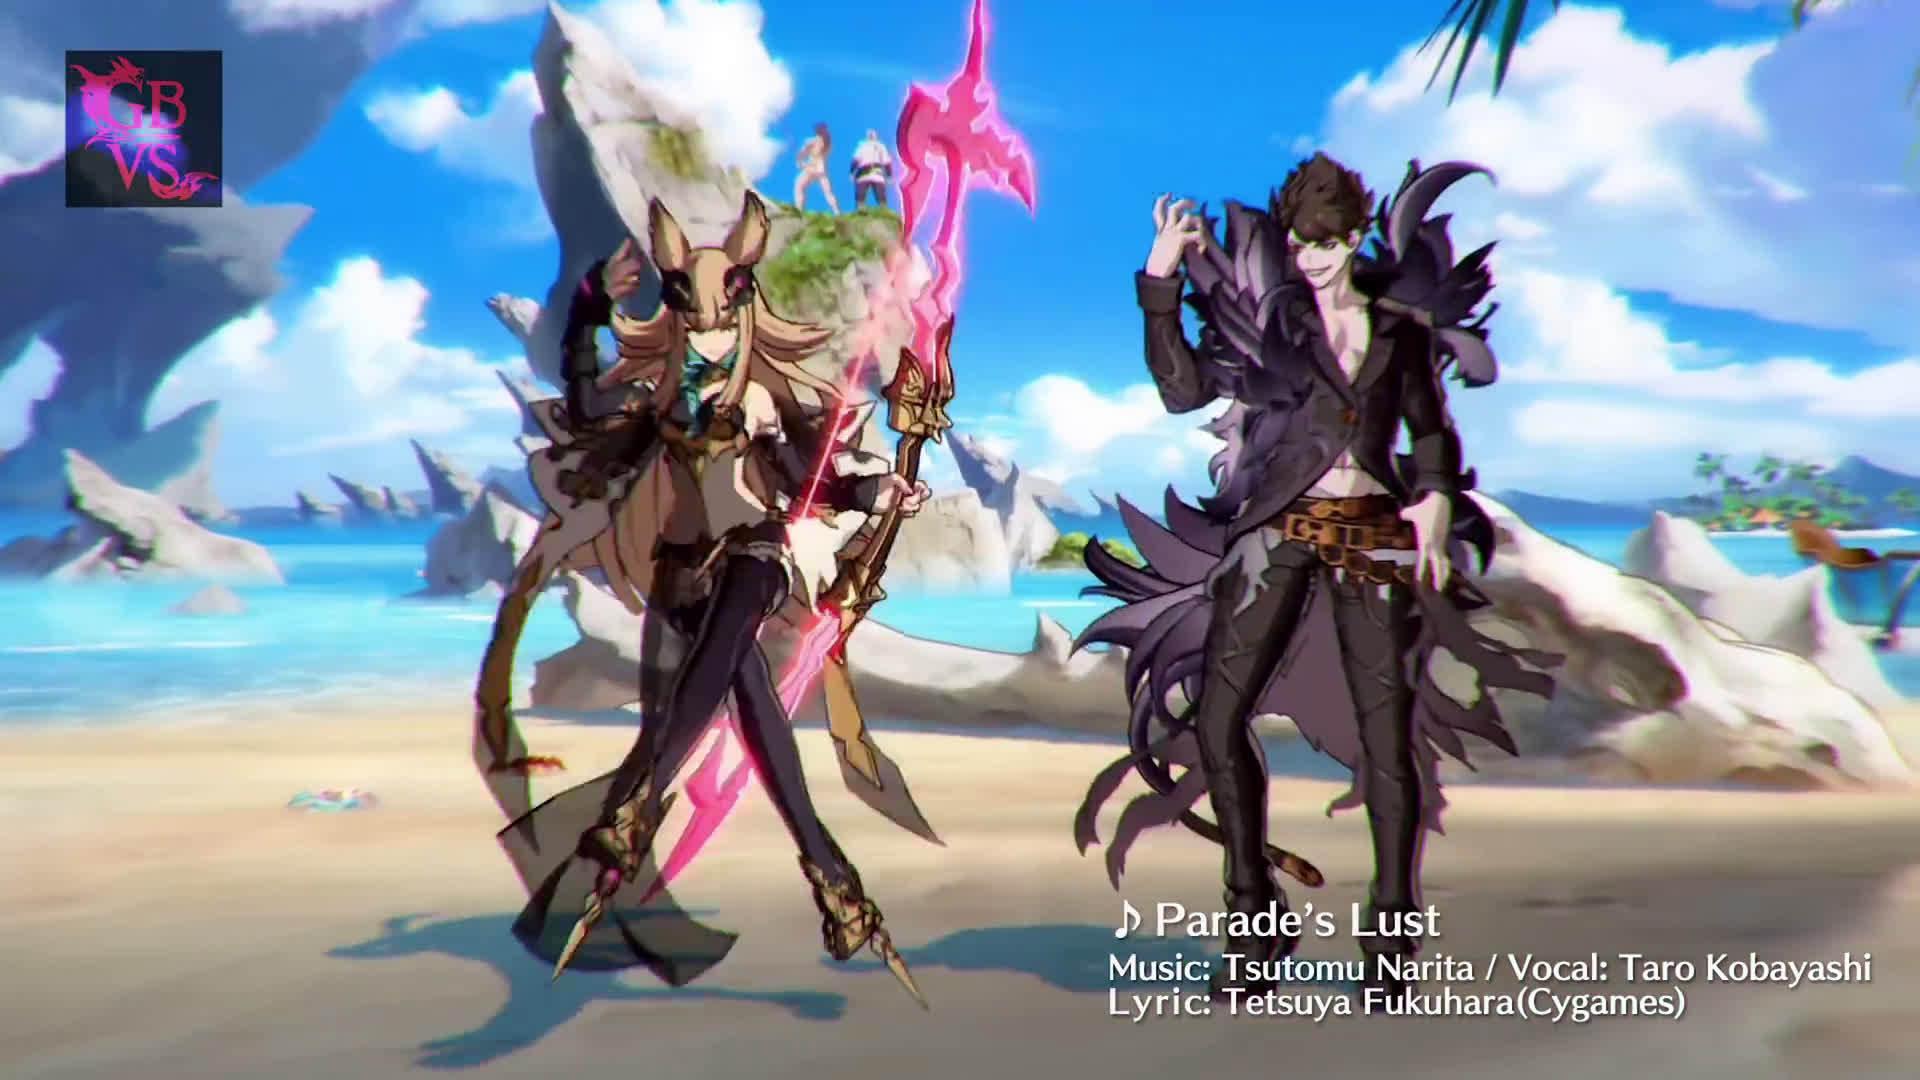 格斗游戏《碧蓝幻想VERSUS》季票2新角色预告公布